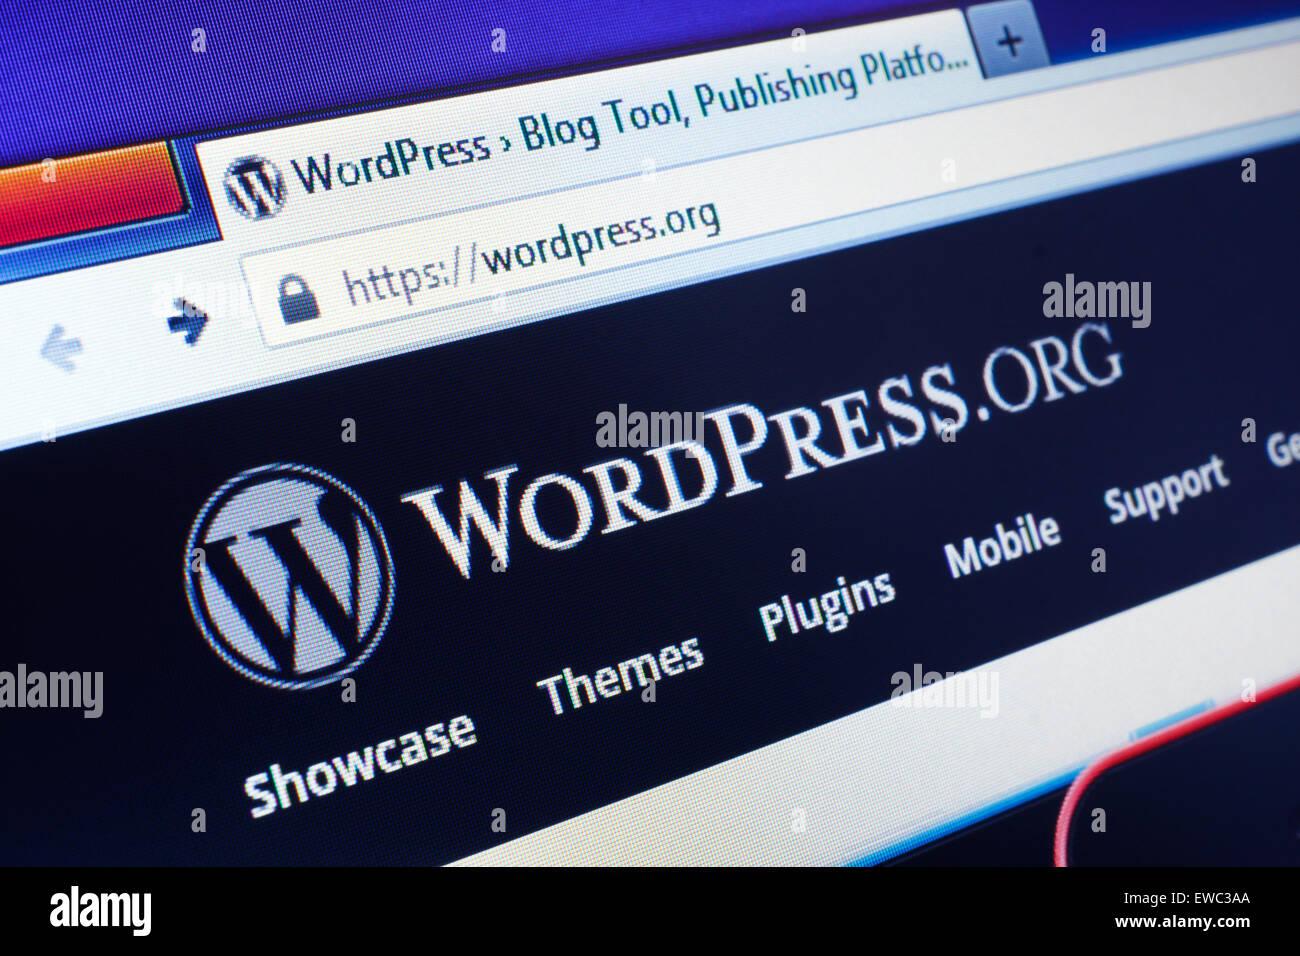 GDANSK, Polonia - 25 de abril de 2015. Wordpress homepage en la pantalla del ordenador. WordPress es un servicio Imagen De Stock